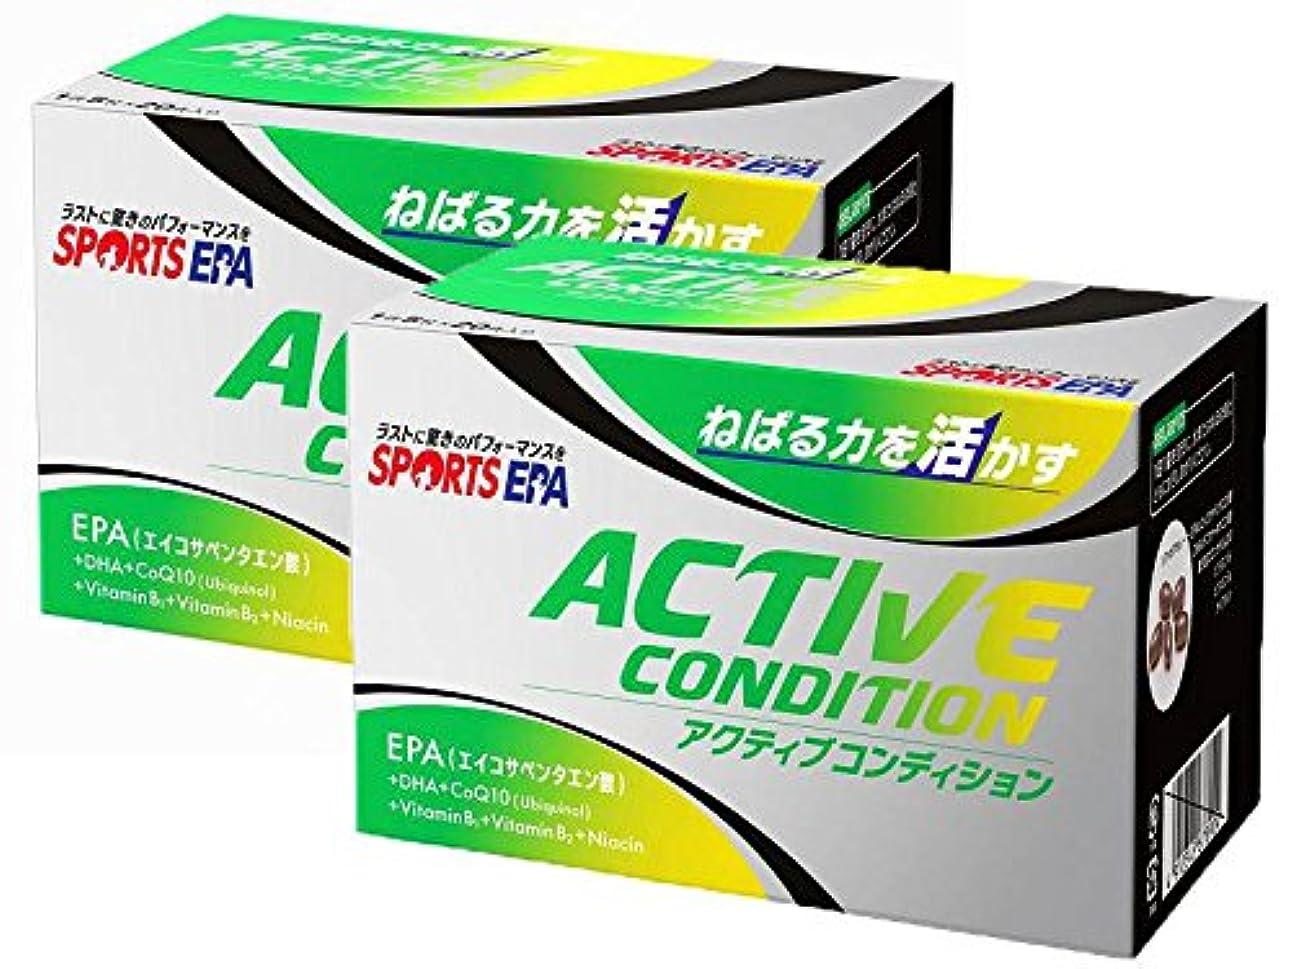 スポーツの試合を担当している人権限ファイルSPORTS EPA(スポーツEPA) ACTIVE CONDITION(分包) アクティブコンディション 20袋入り×2箱 69083-2SET